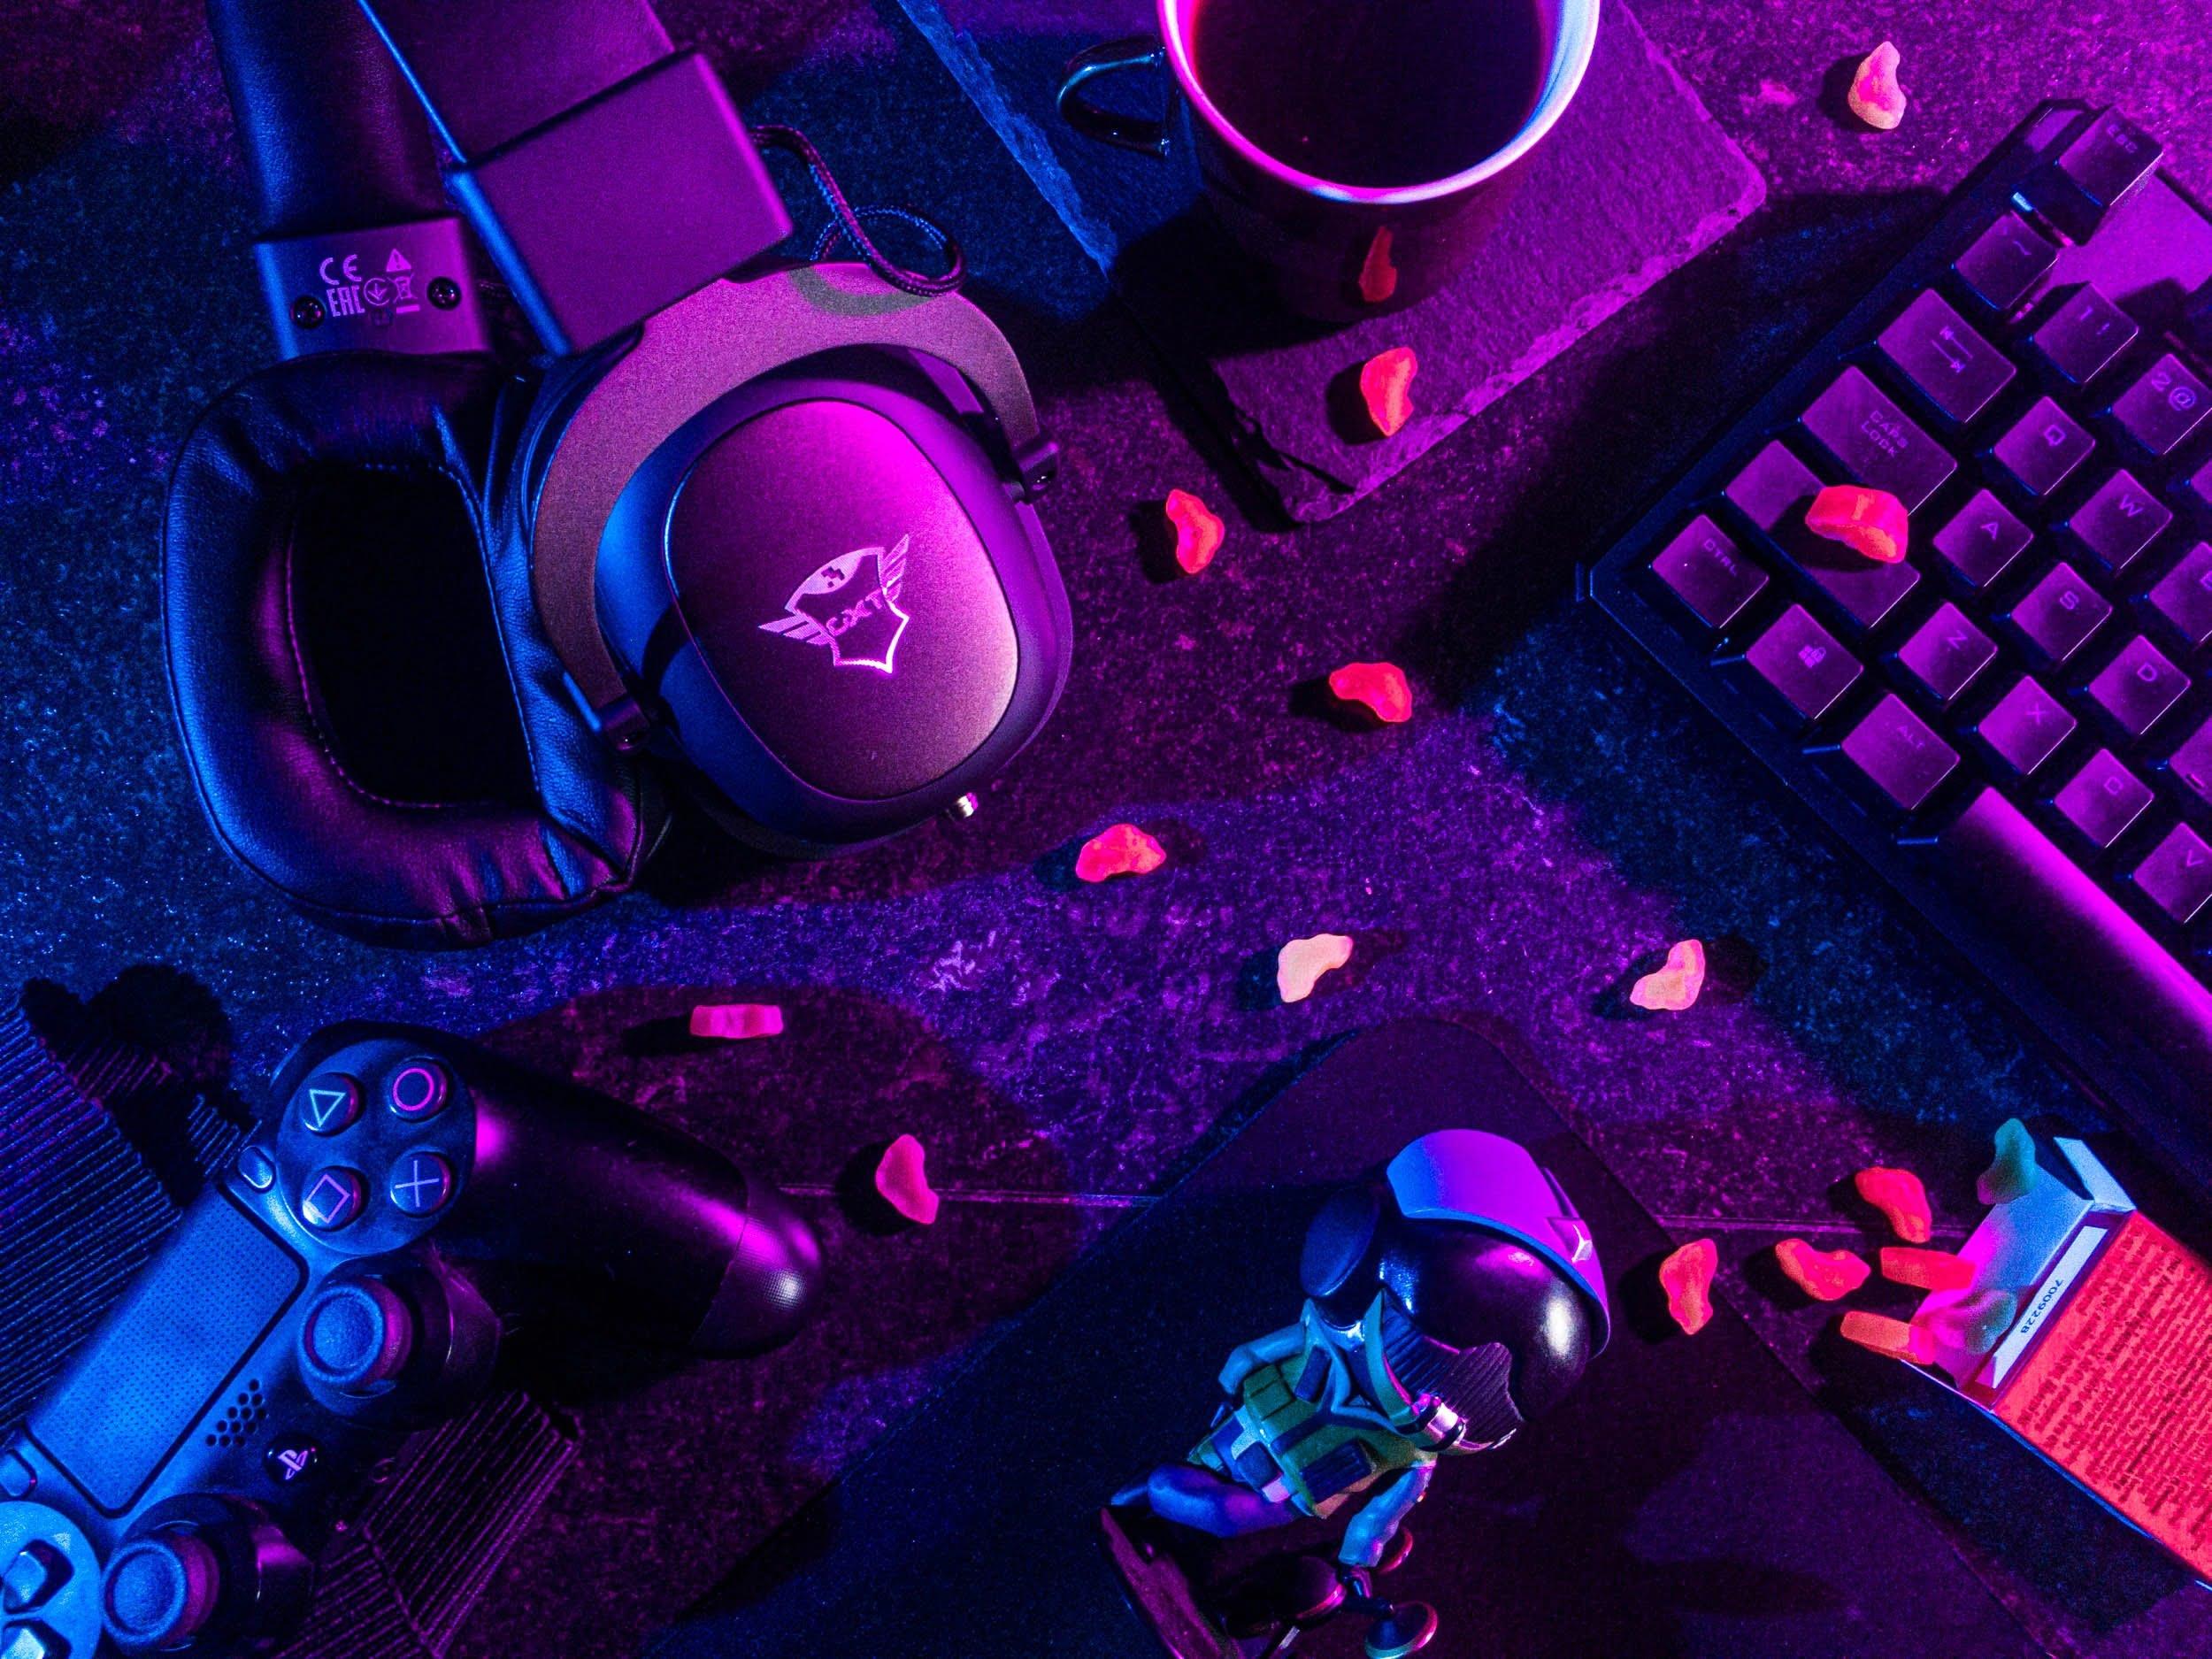 Lista i premiery gier na Playstation 5 i Xbox Series X